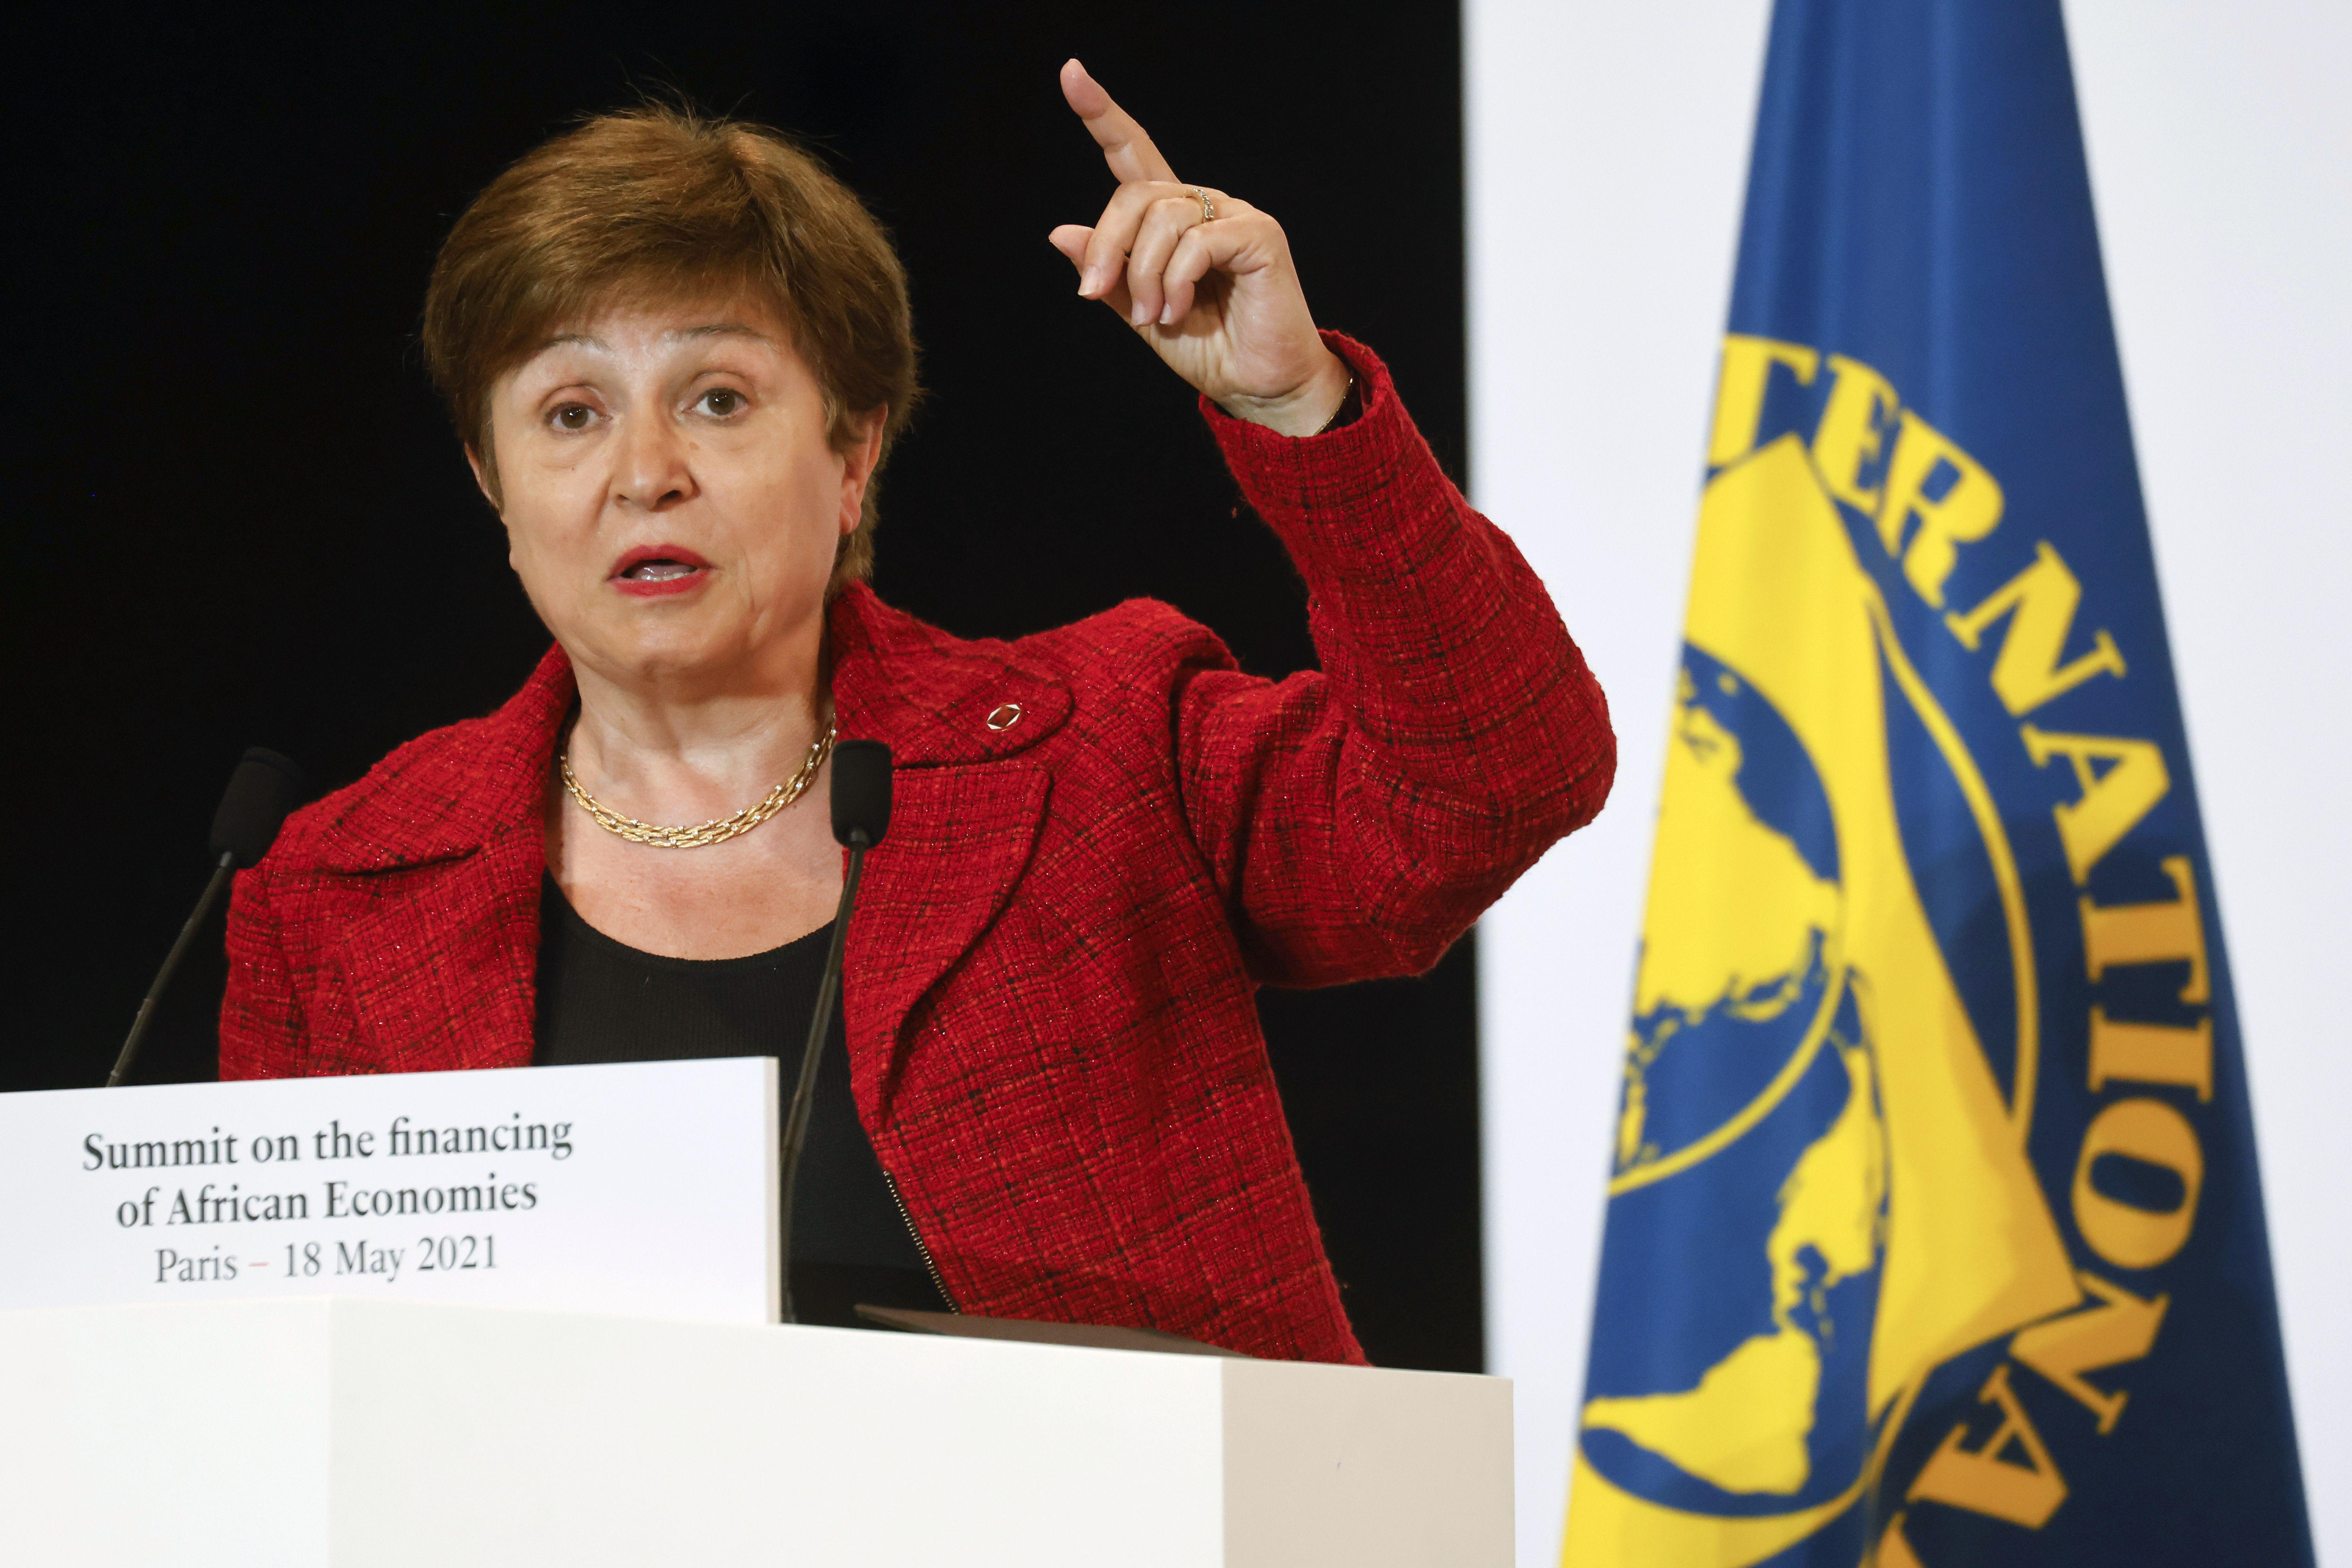 directora del fmi defiende sus acciones ante senalamientos